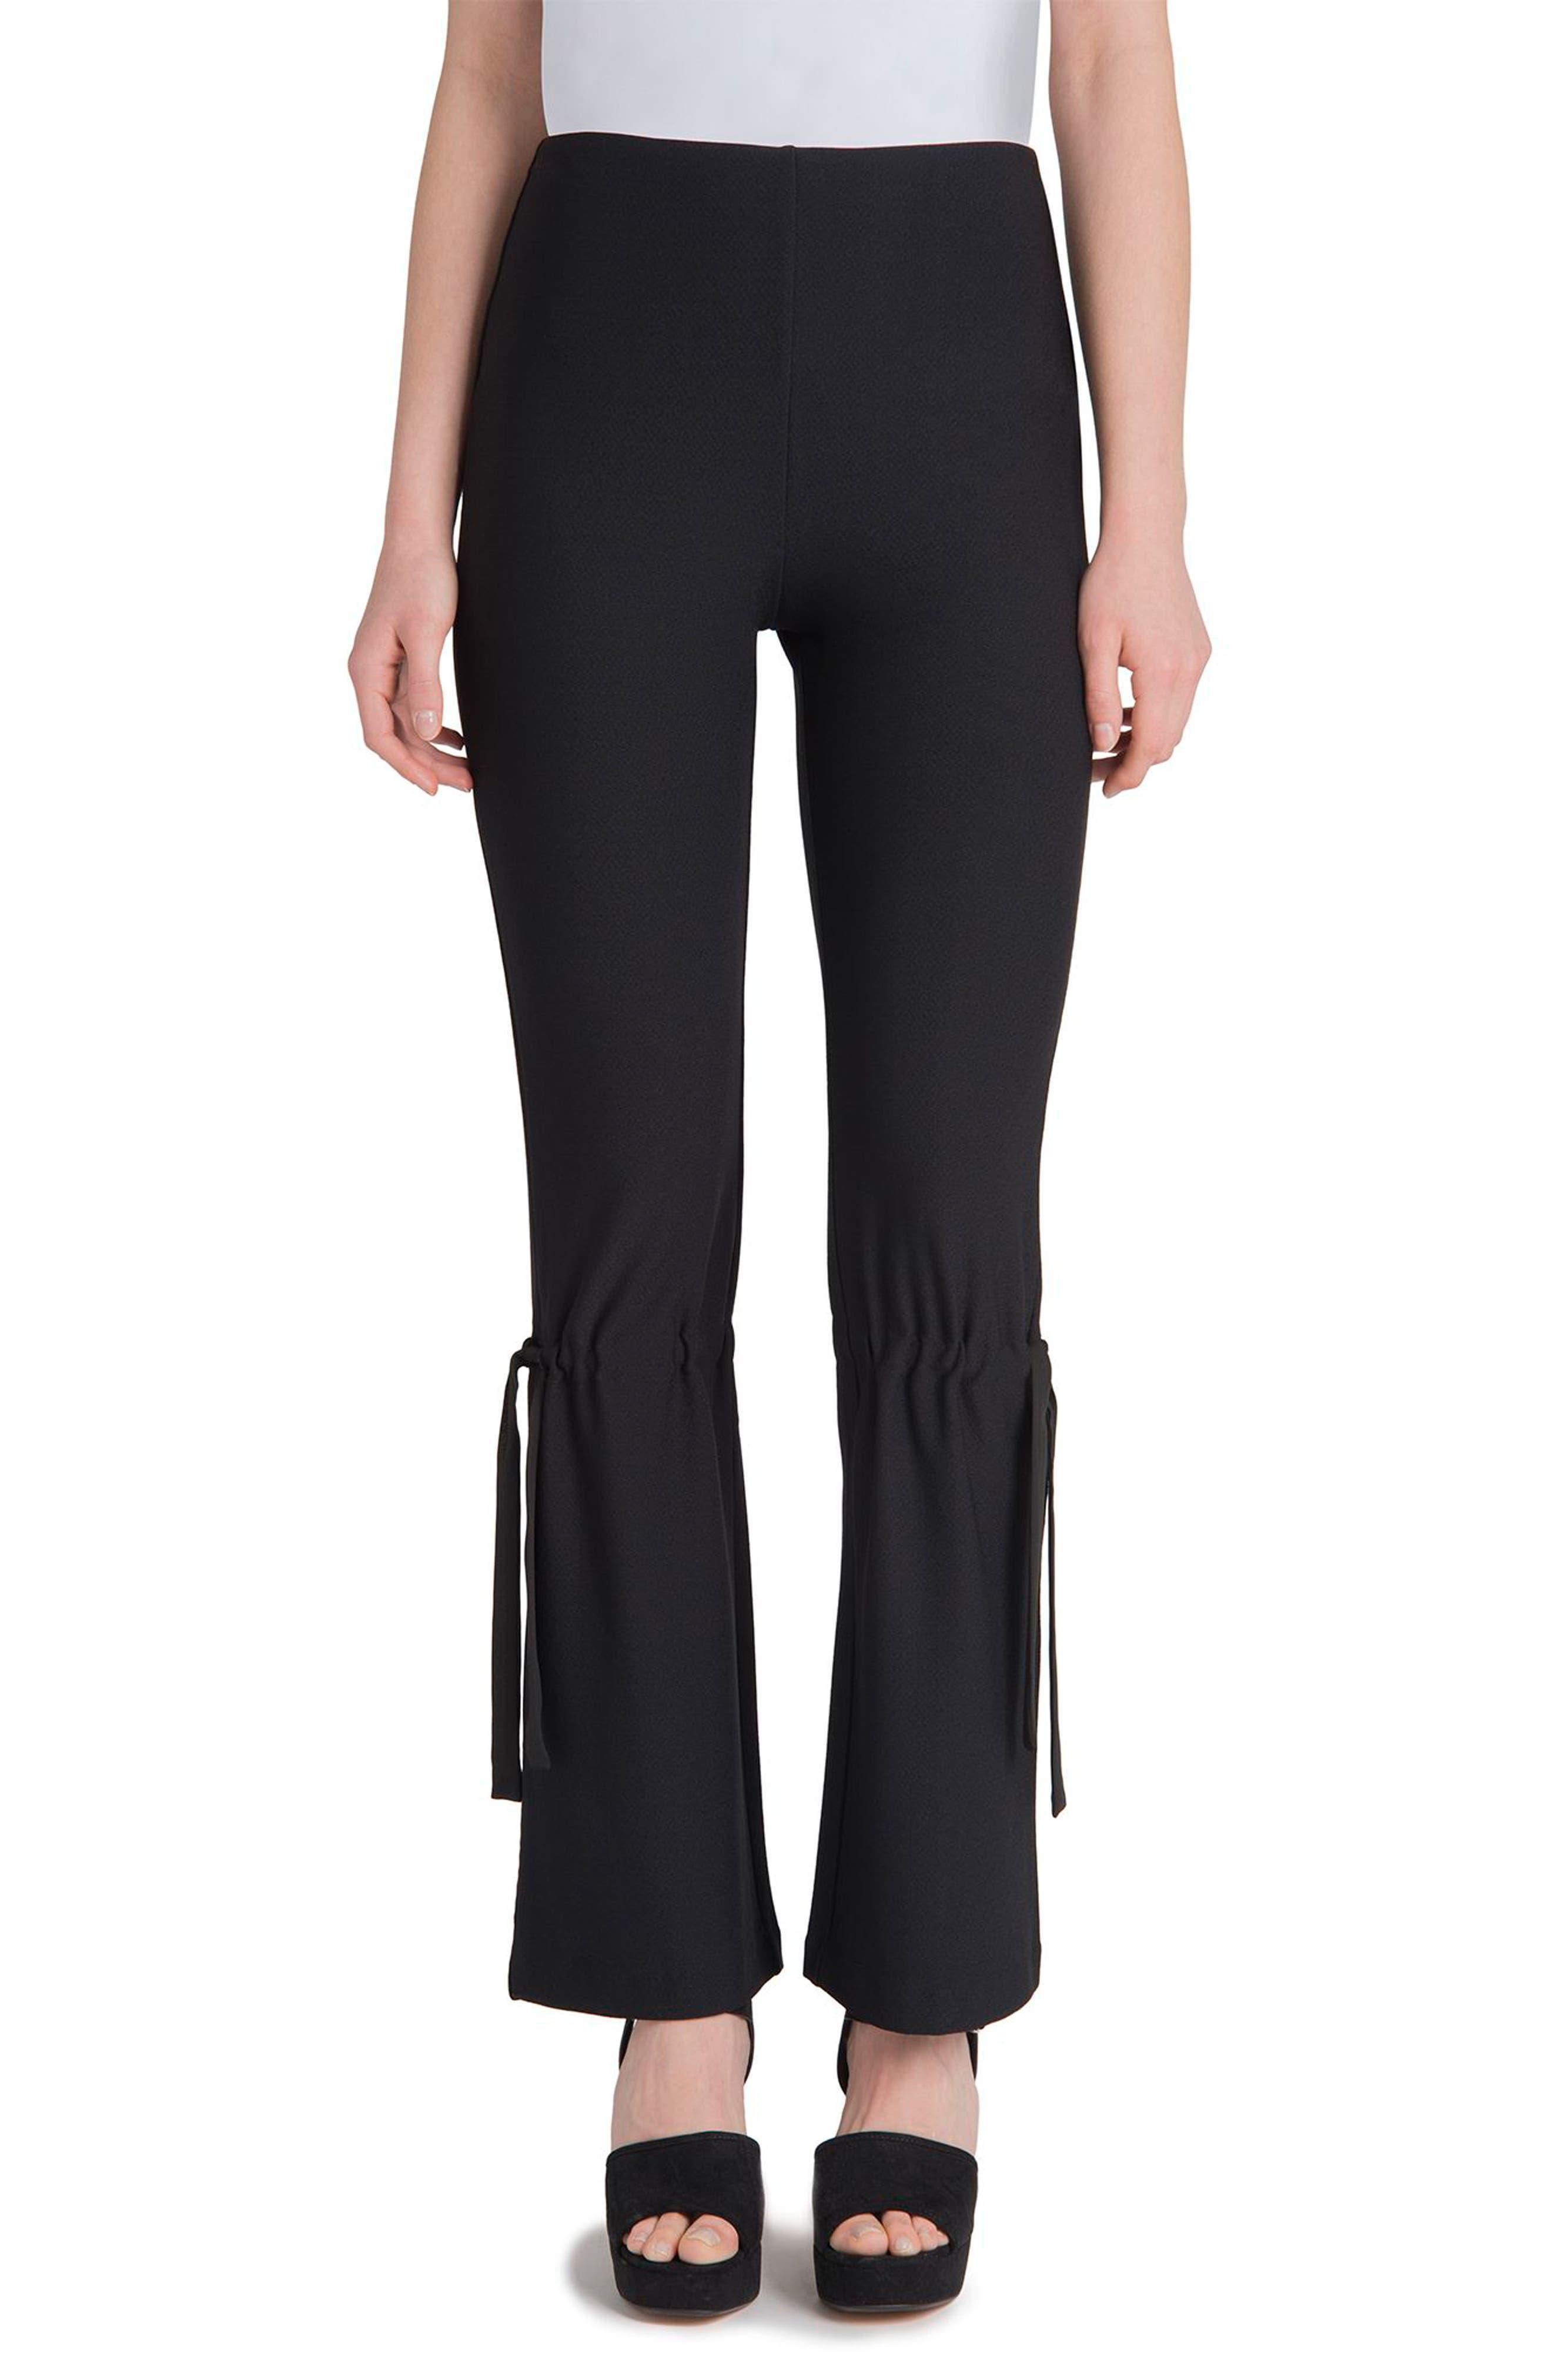 Arcadia High Waist Pants,                         Main,                         color, 001